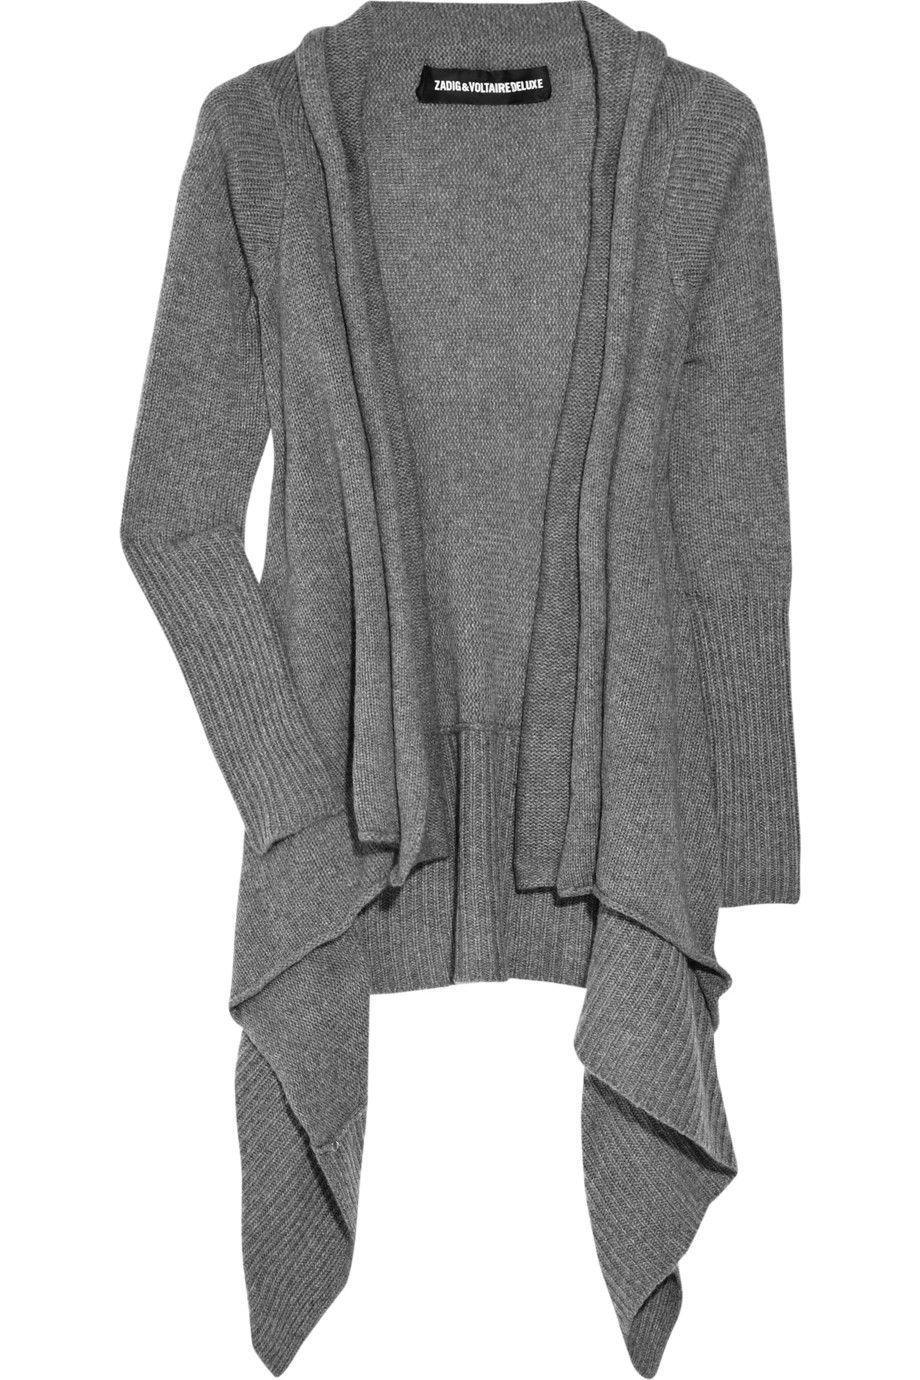 Zadig & Voltaire|Draped cashmere cardigan|NET-A-PORTER.COM